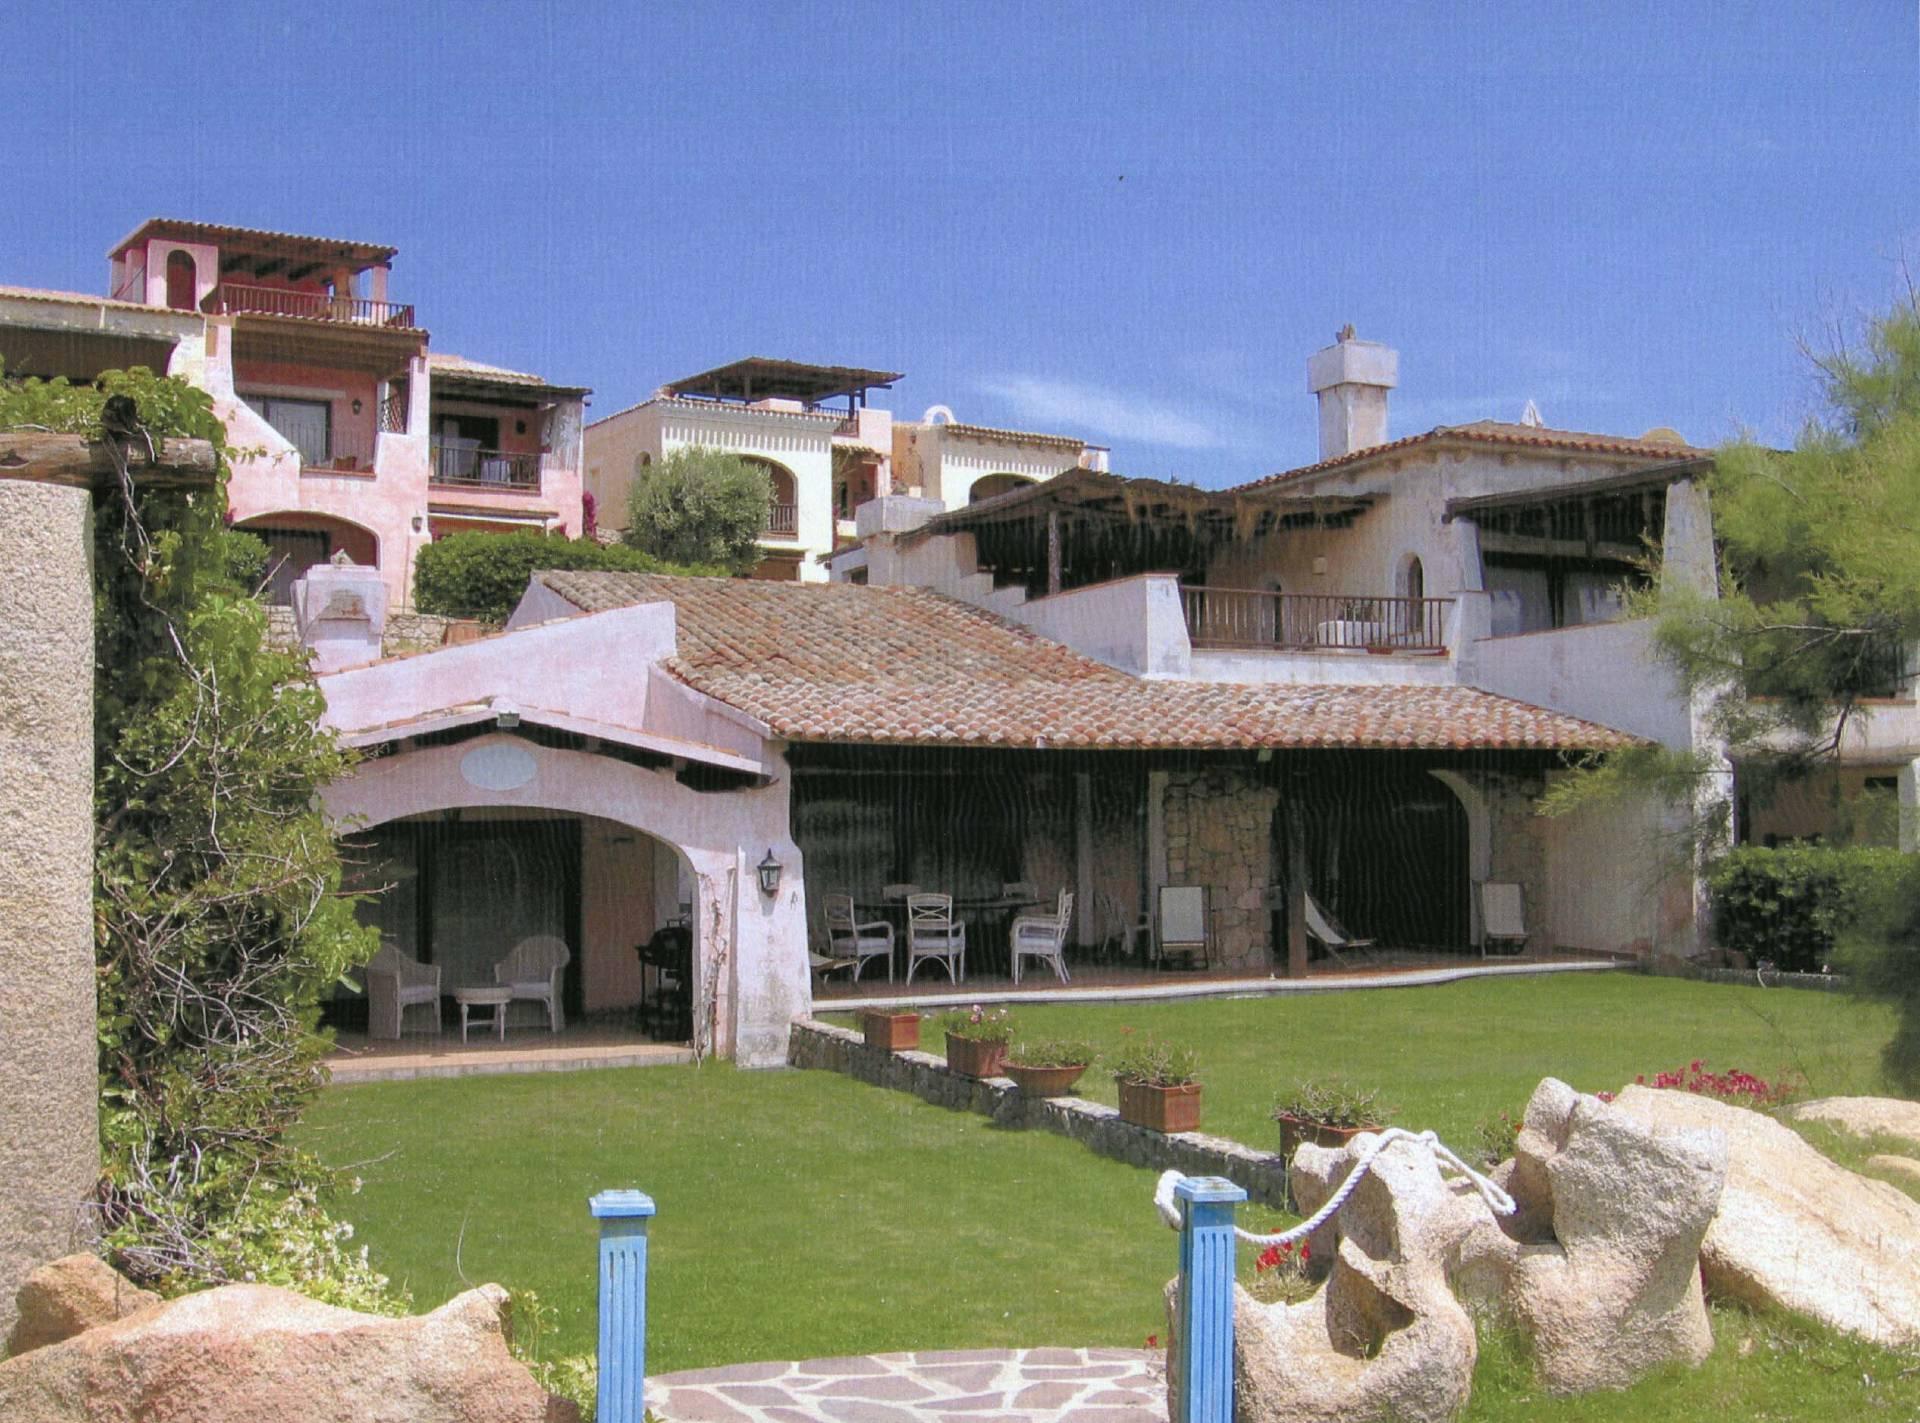 Appartamento in vendita a Arzachena - Porto Cervo, 2 locali, zona Località: PortoCervo-CaladelFaro, prezzo € 450.000 | CambioCasa.it